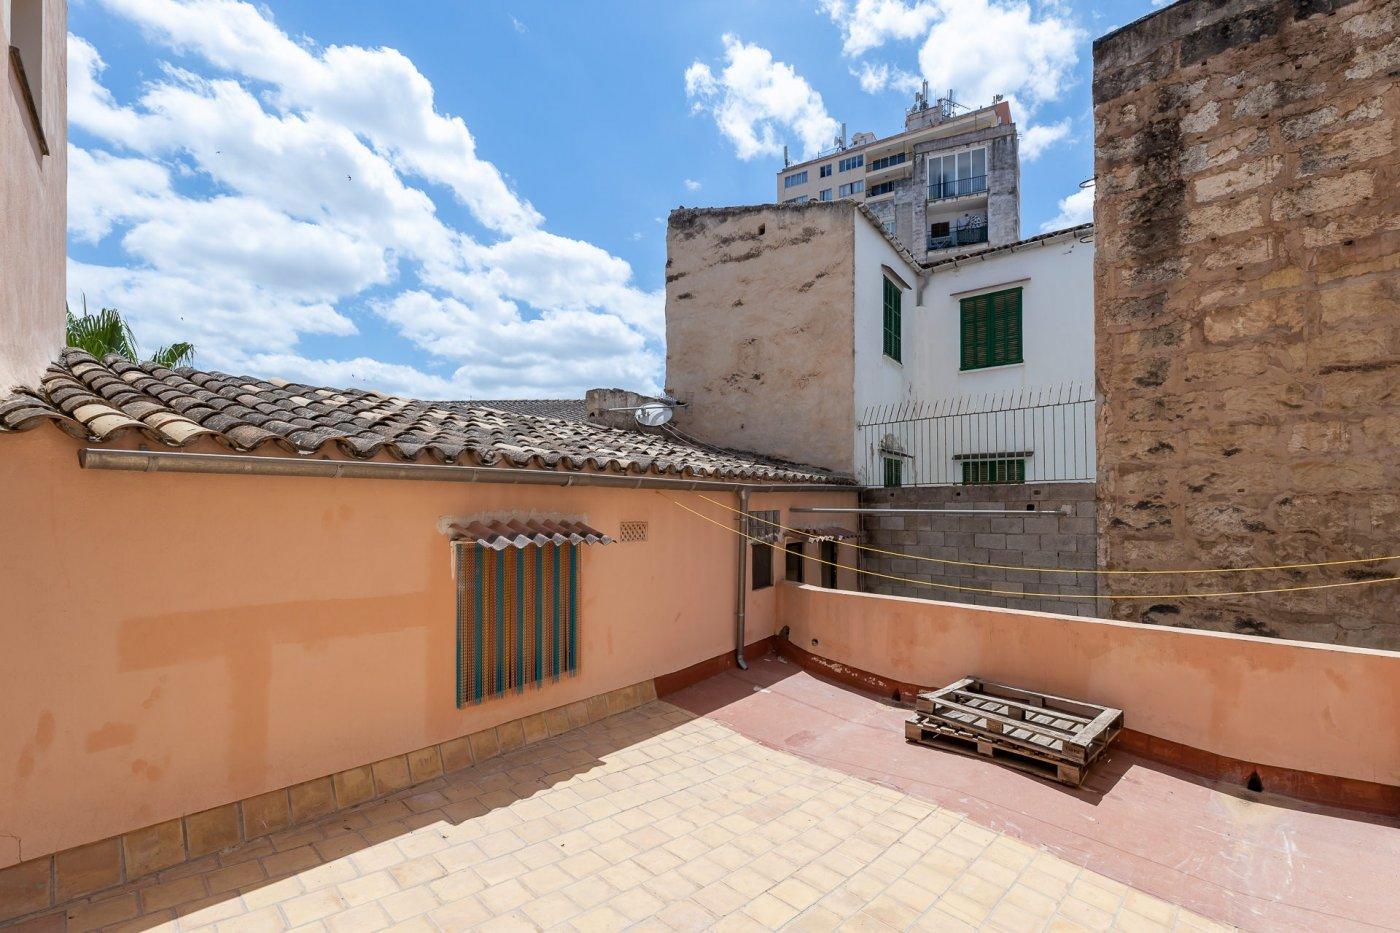 Piso tres habitaciones y amplia terraza en el centro de inca - imagenInmueble22